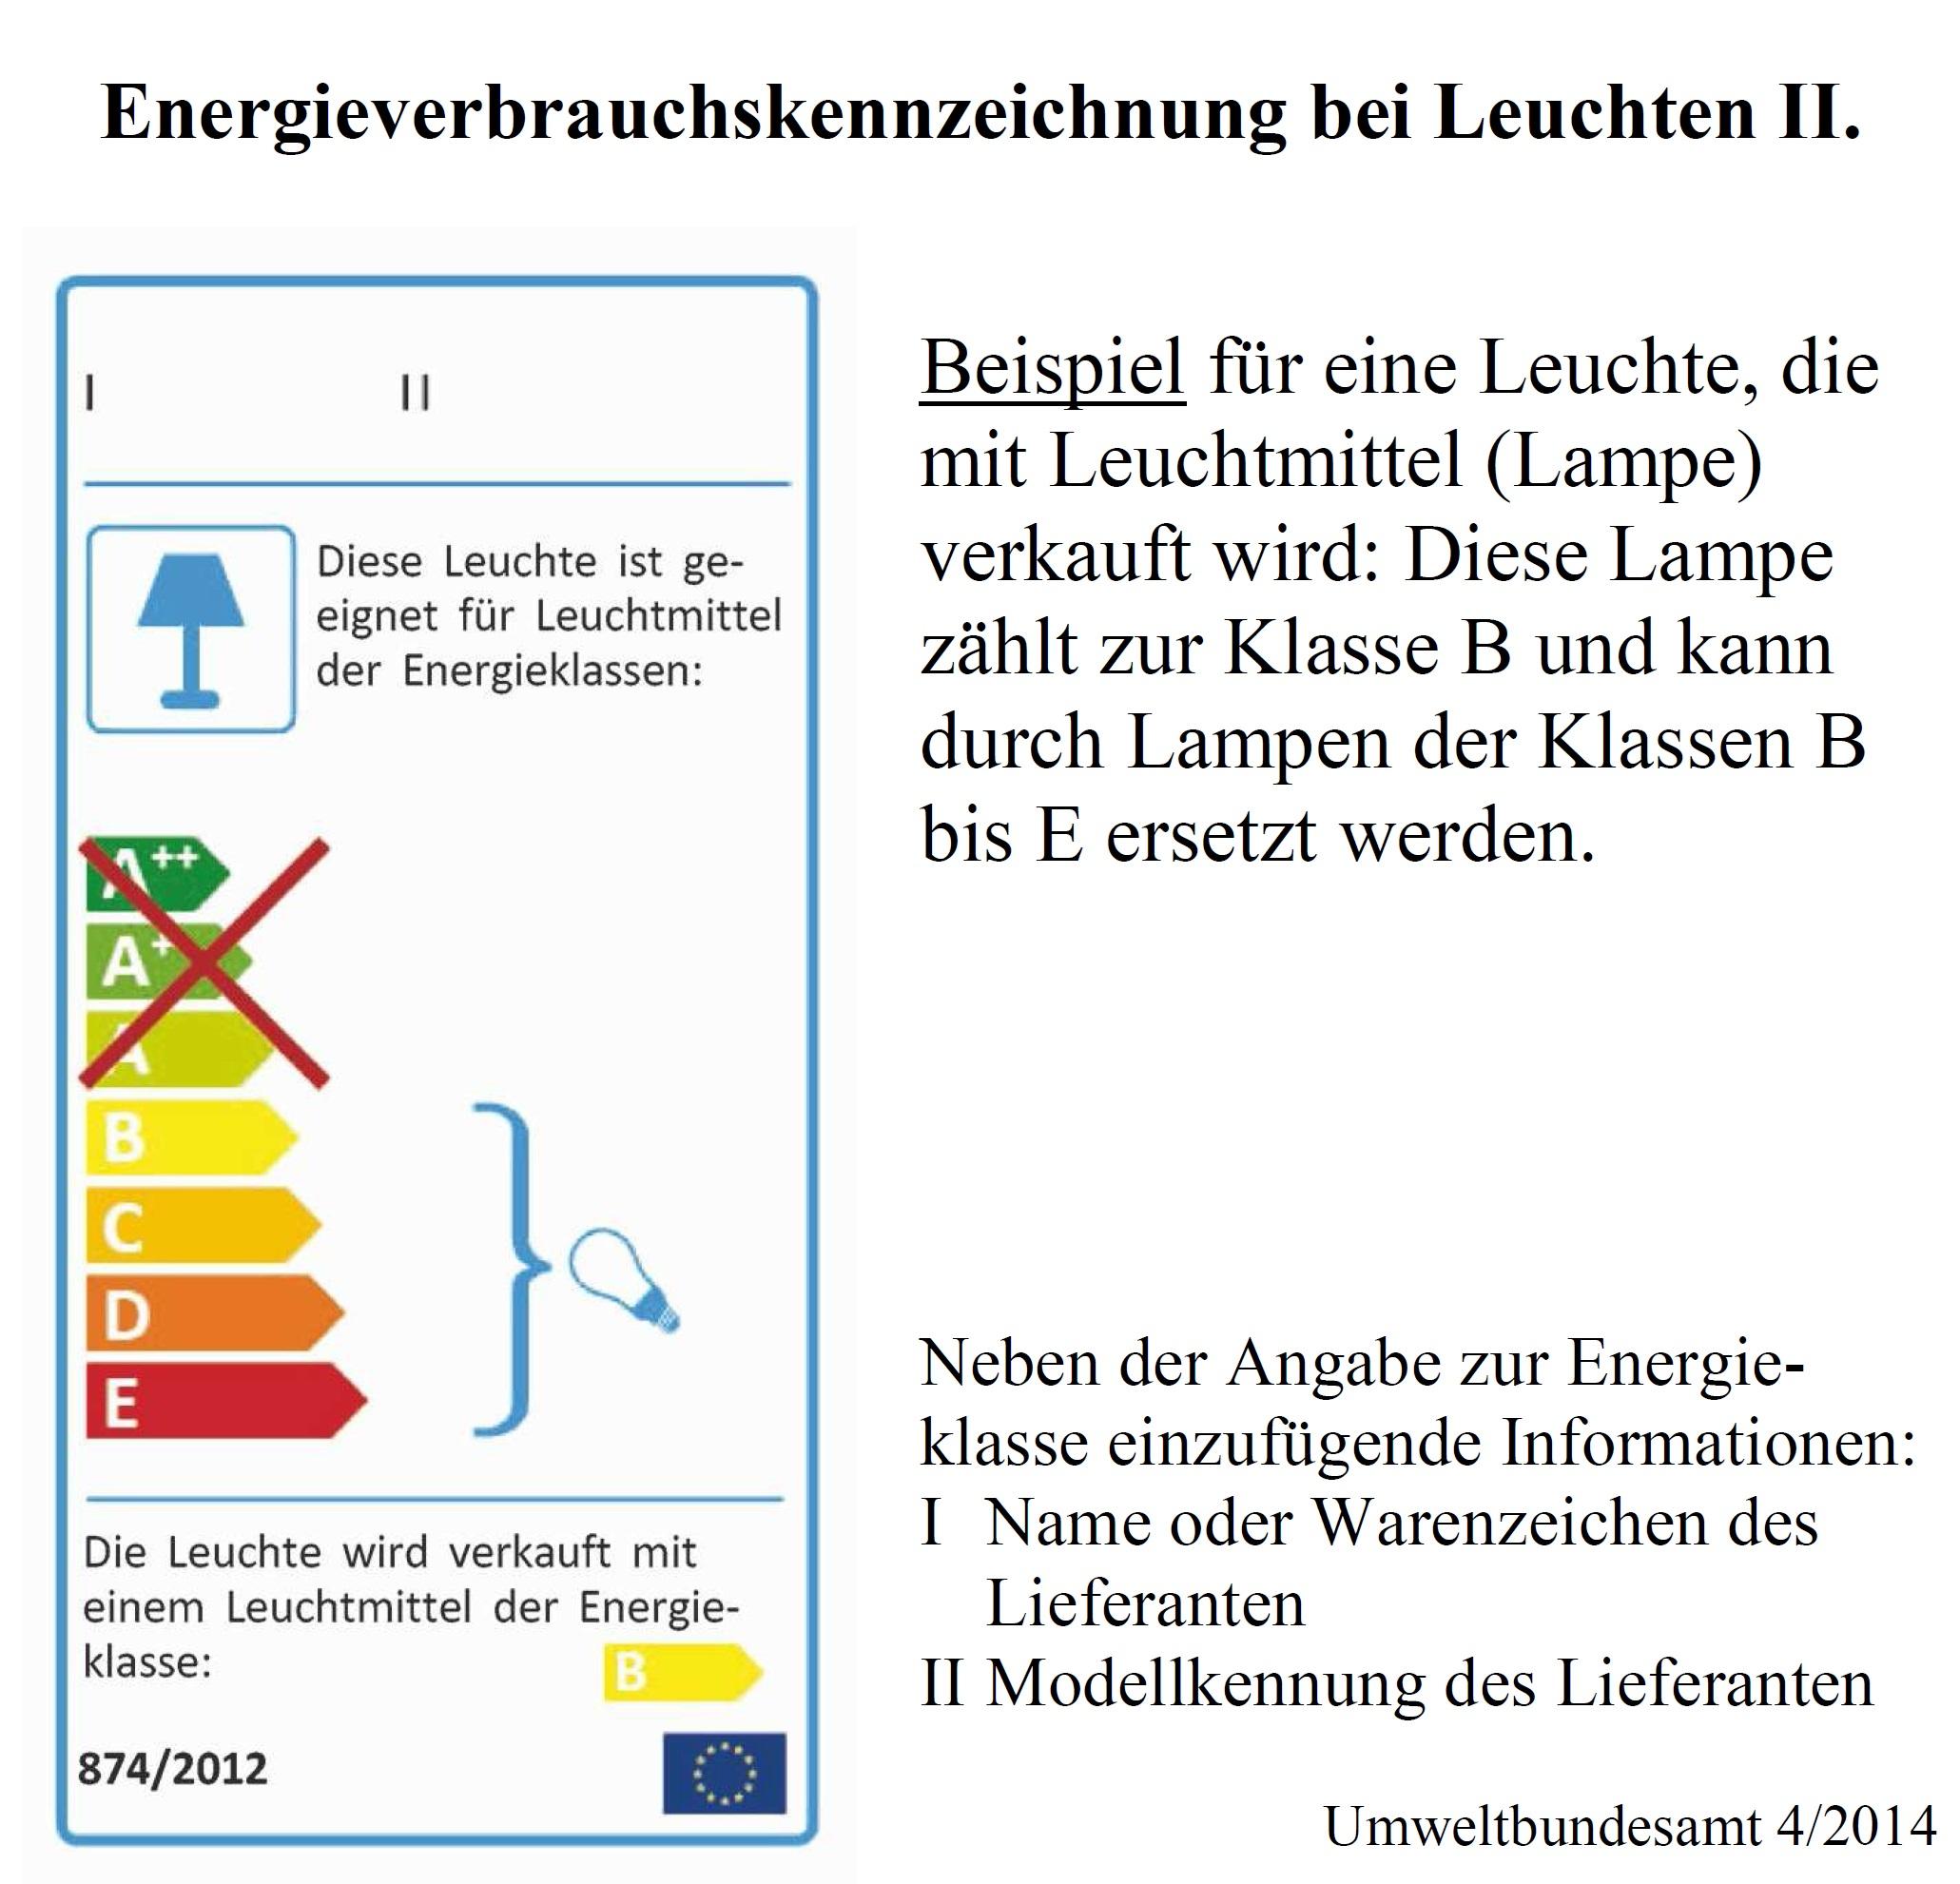 Haufige Fragen Zum Thema Licht Umweltbundesamt